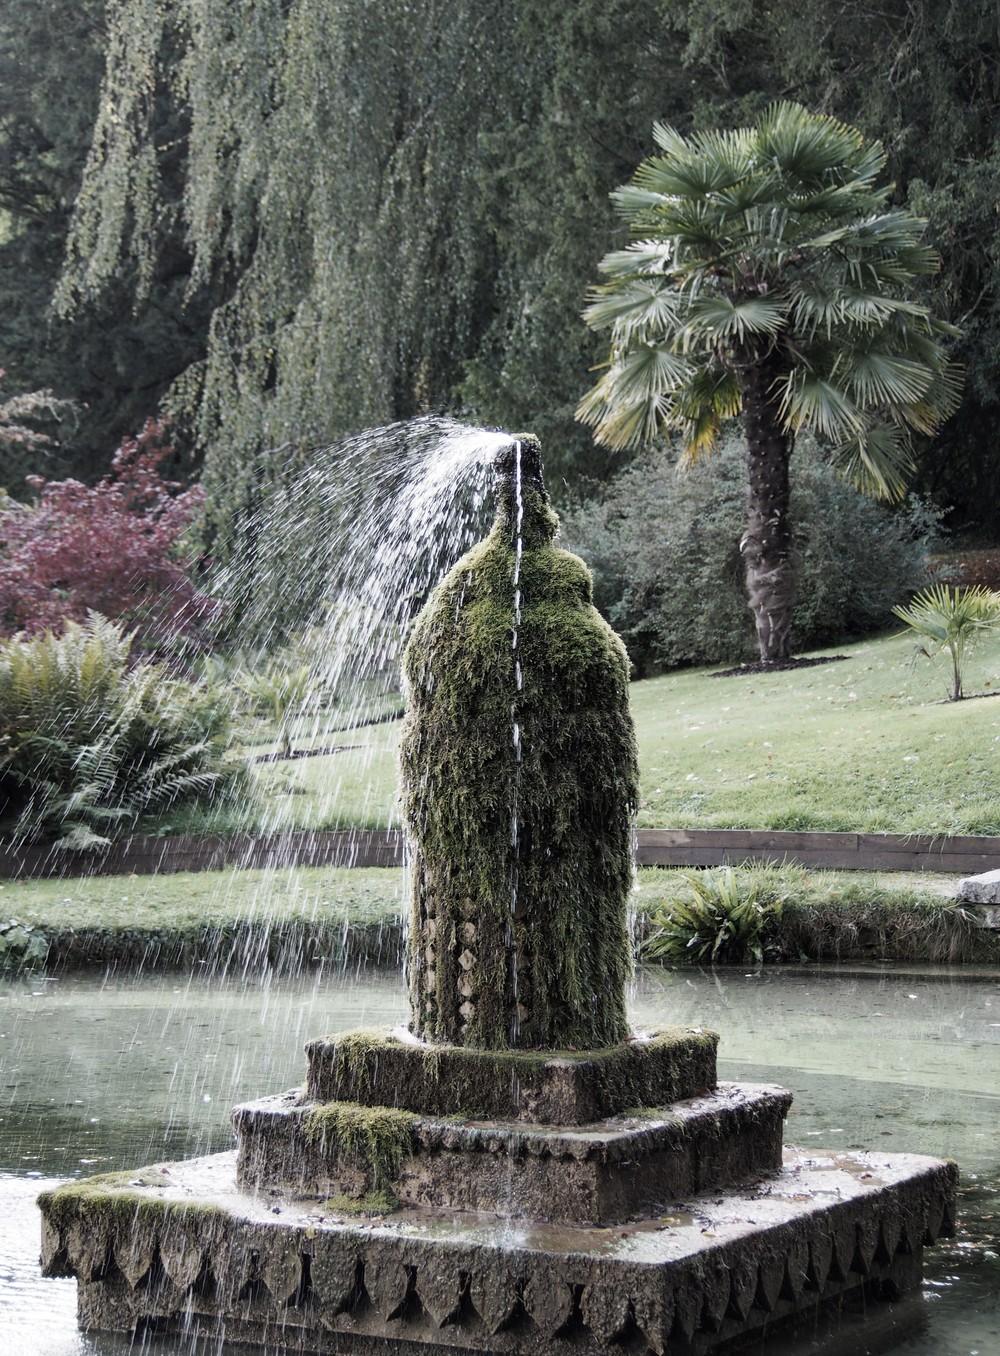 Sezincote Gardens